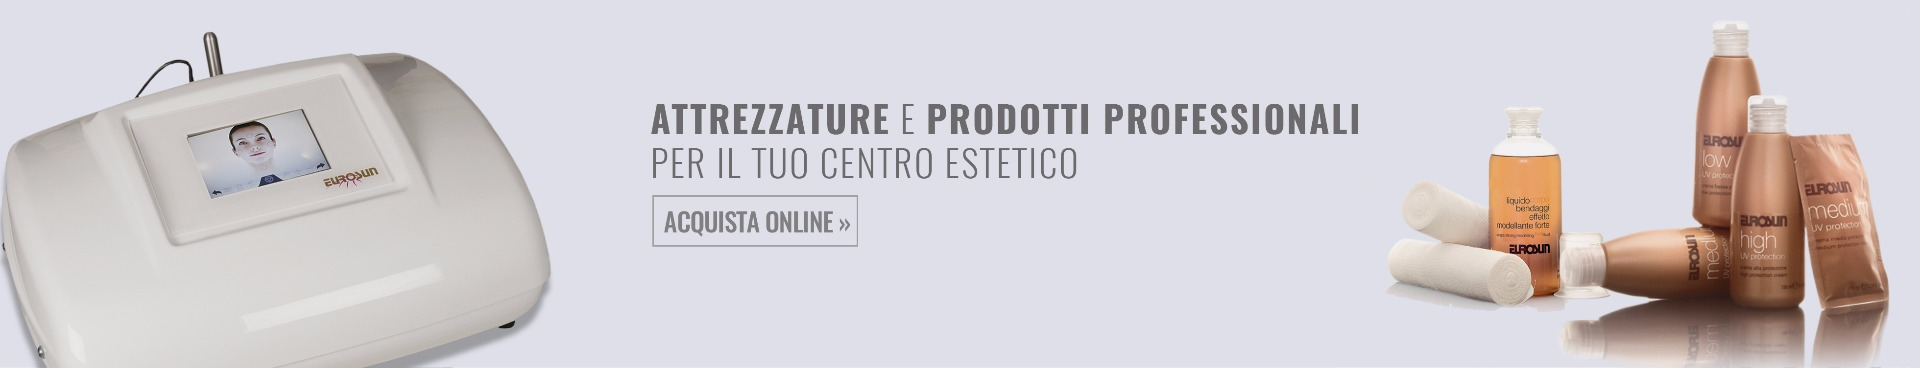 Attrezzature e prodotti professionali per centri estetici